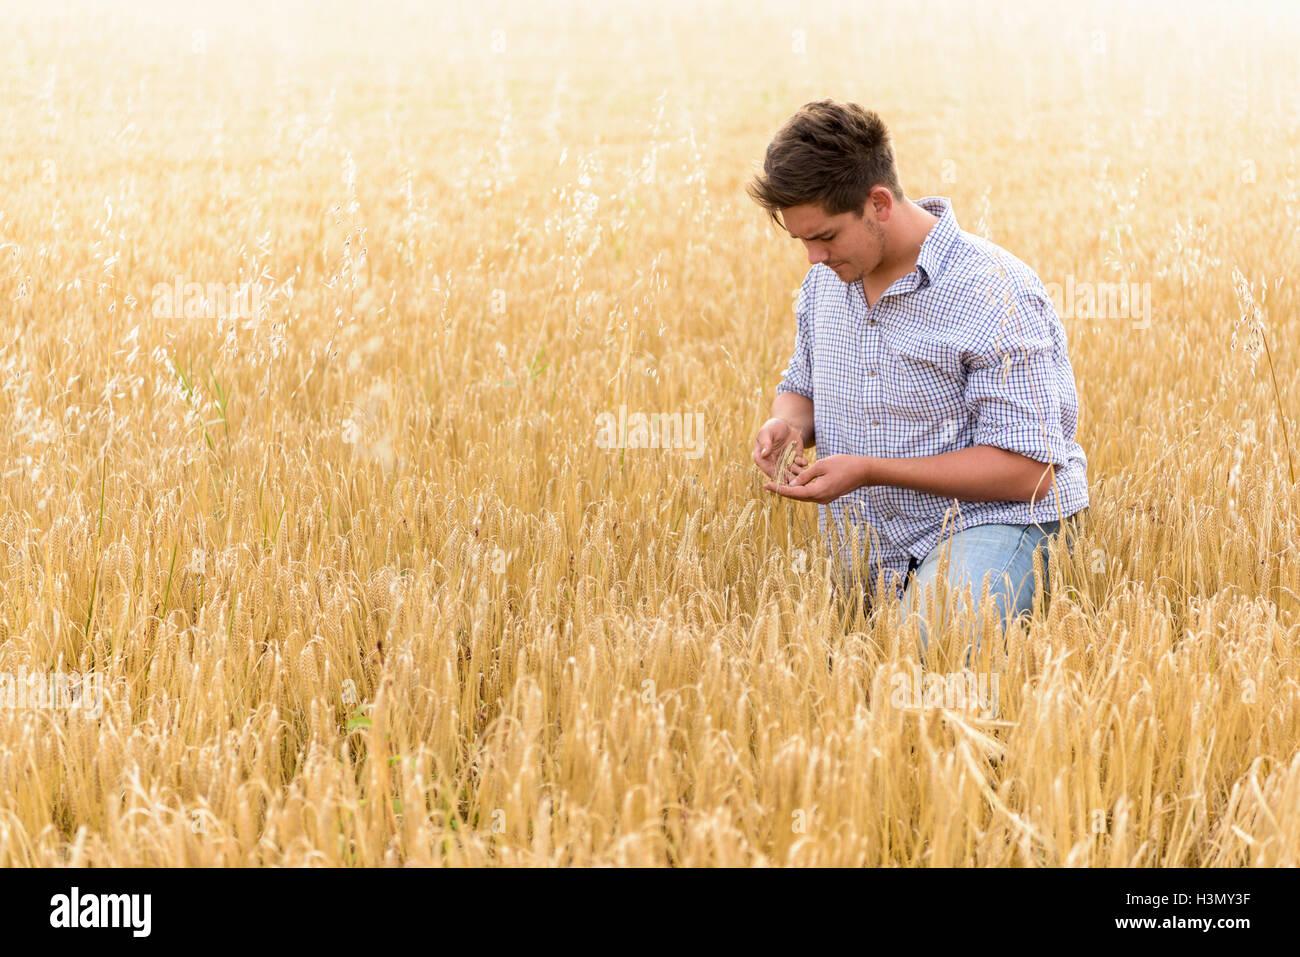 L'inspection de récolte de l'agriculteur dans le champ d'orge biologique Photo Stock